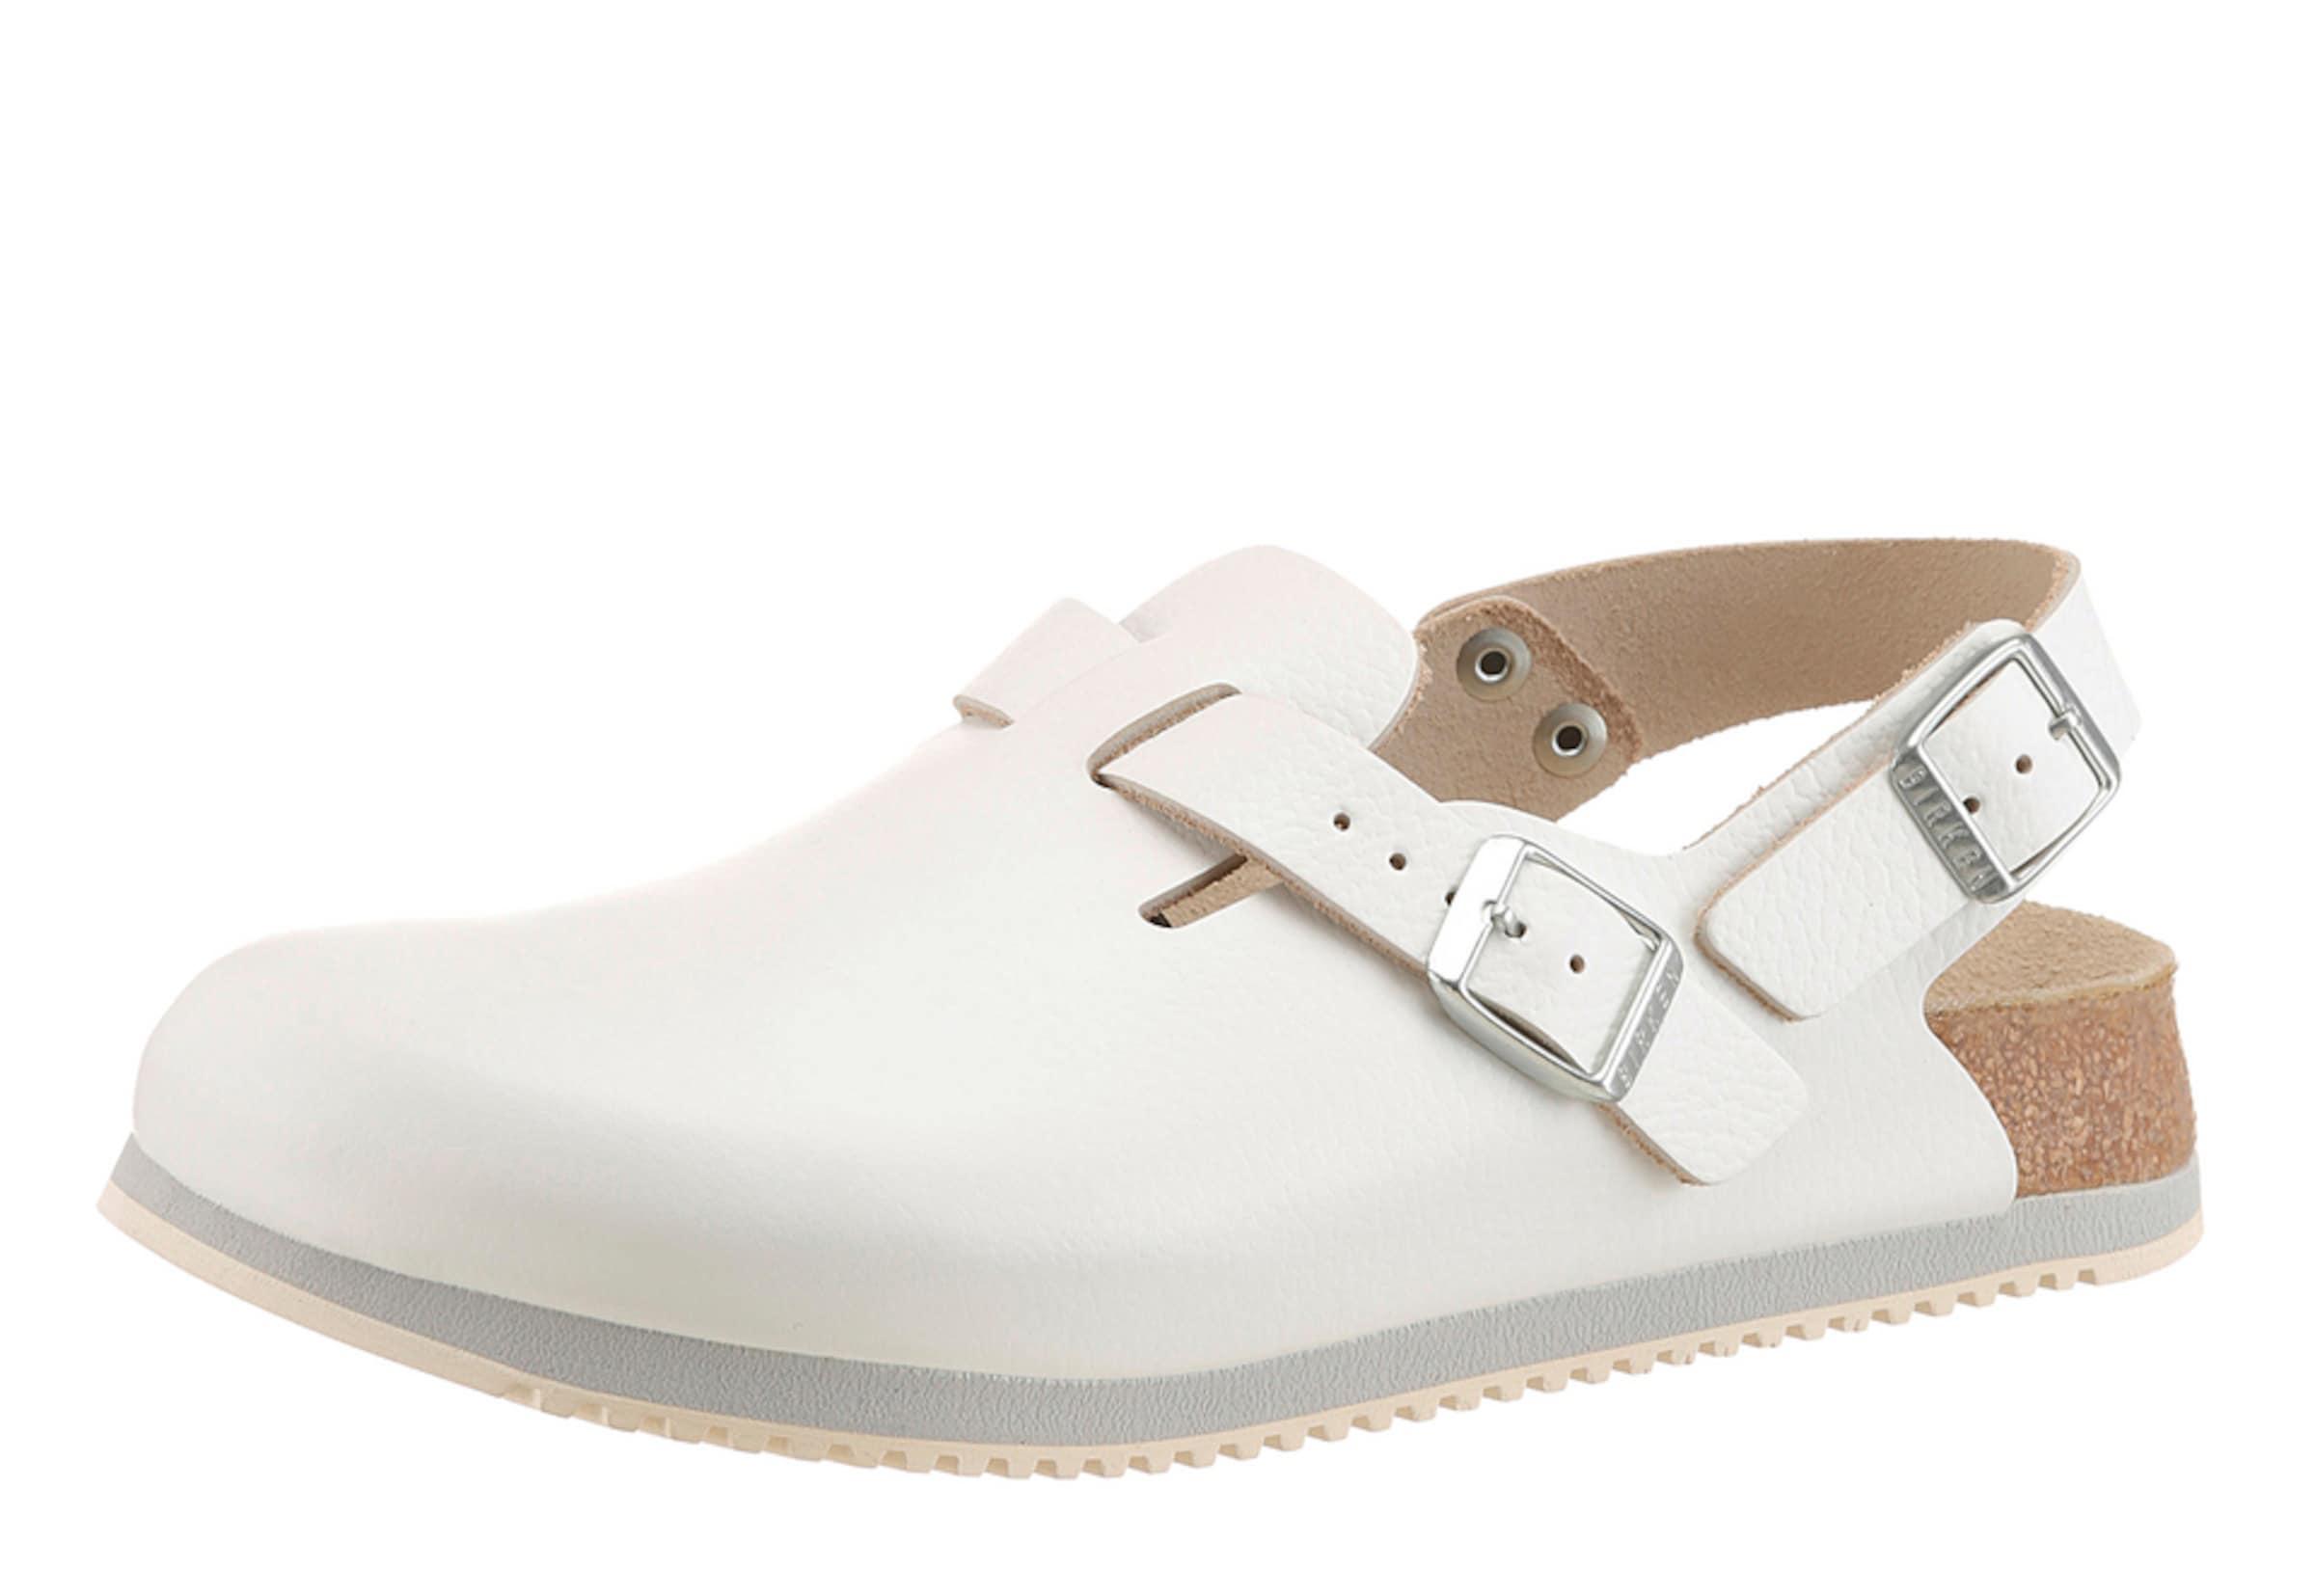 BIRKENSTOCK Clog Günstige und langlebige Schuhe